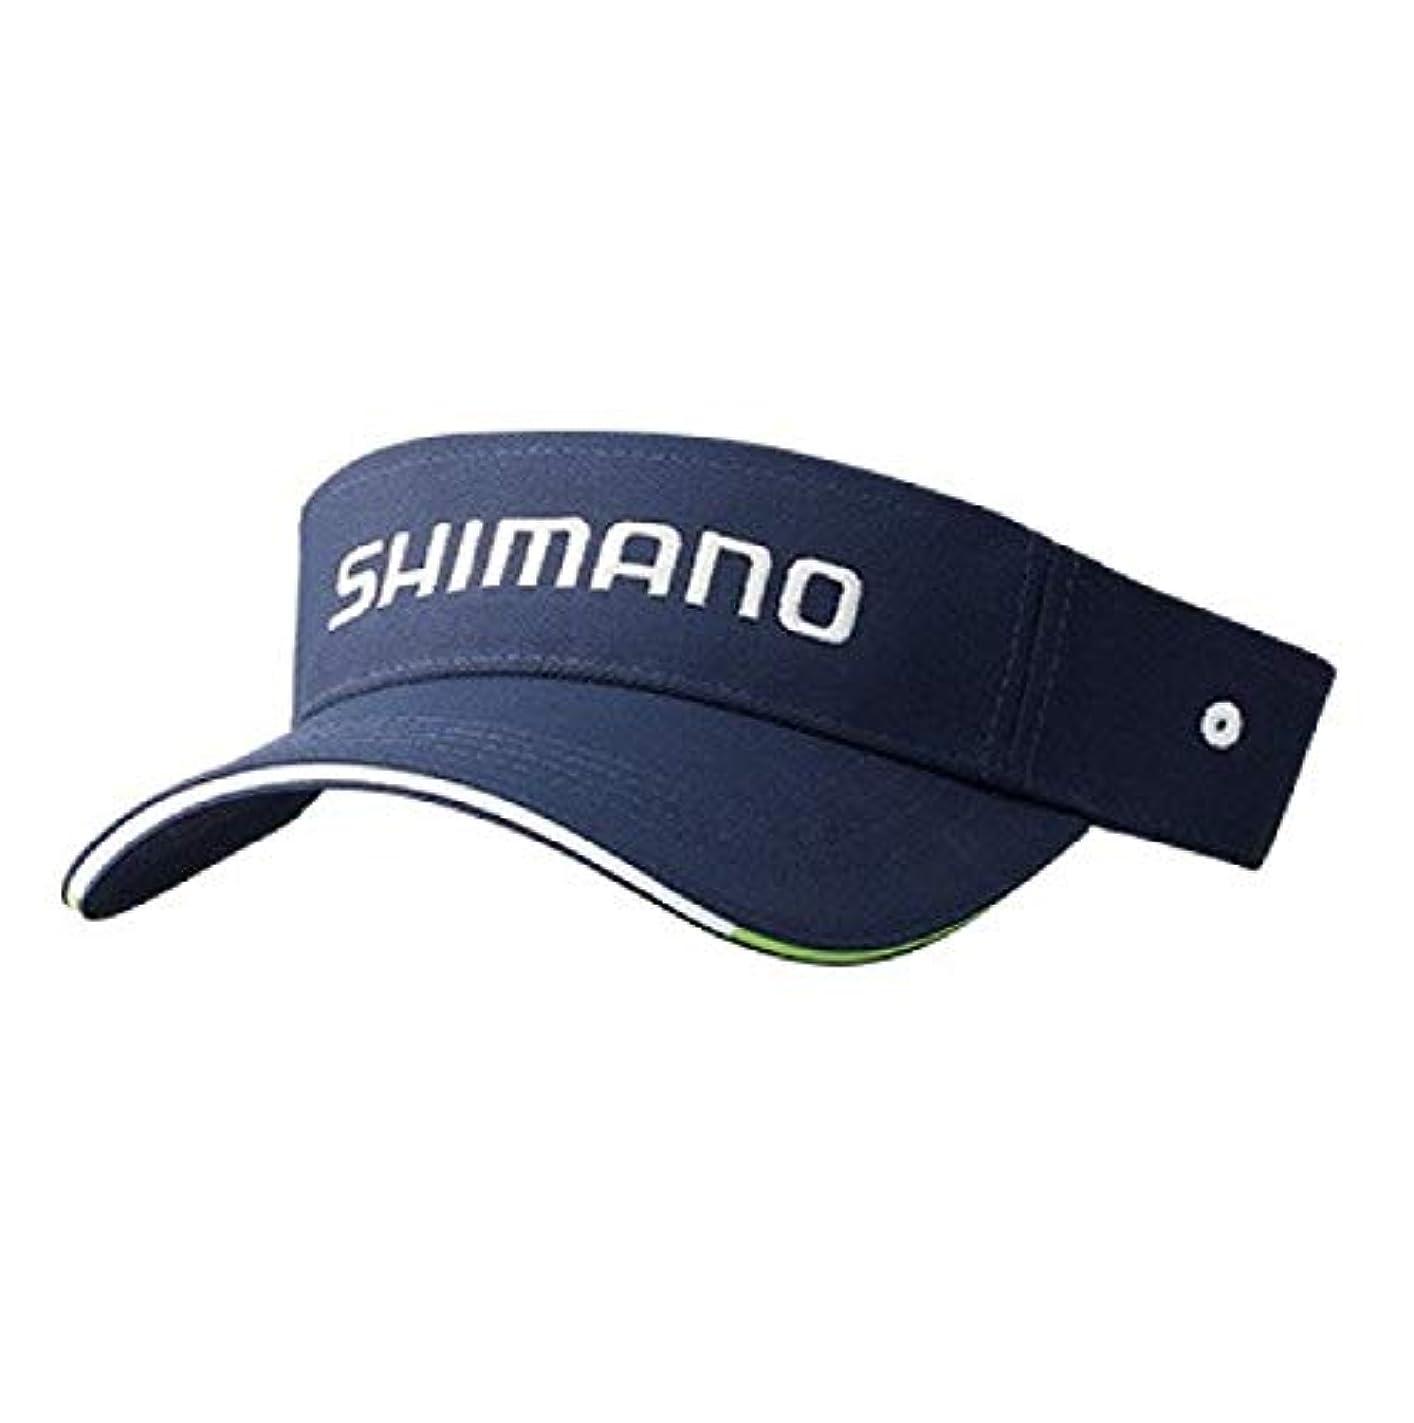 手荷物しなやか反抗シマノ(SHIMANO) スタンダードサンバイザー CA-043S